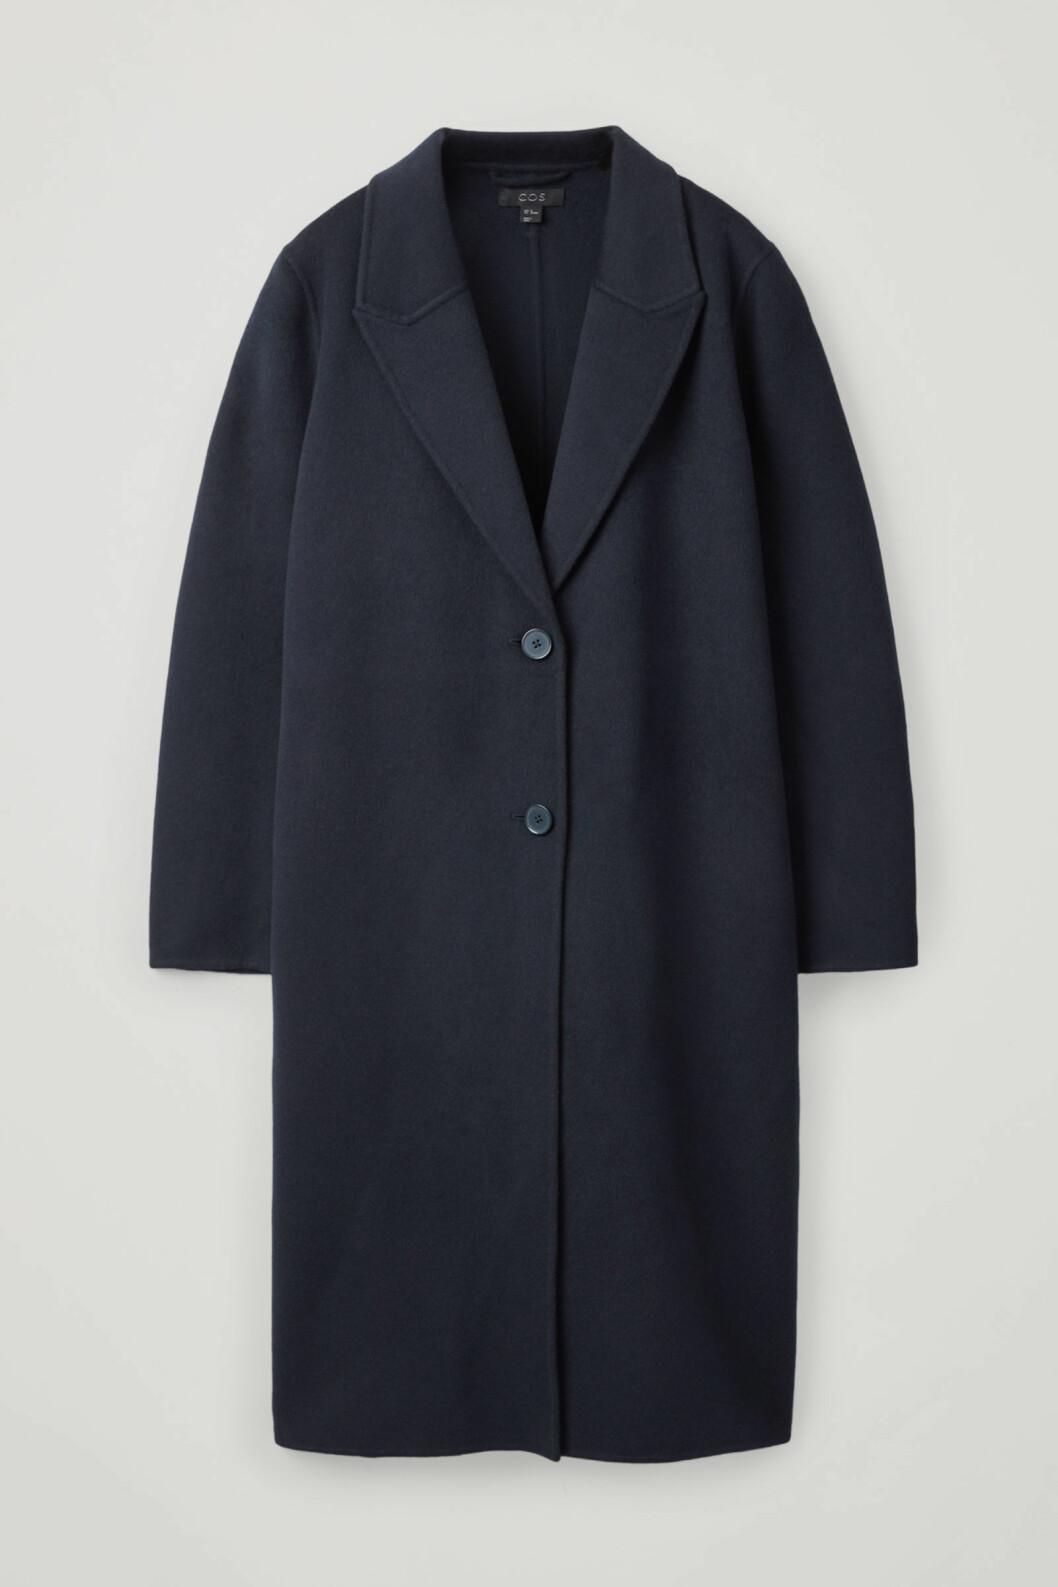 Elegant mörkblå kappa i rak modell från COS.